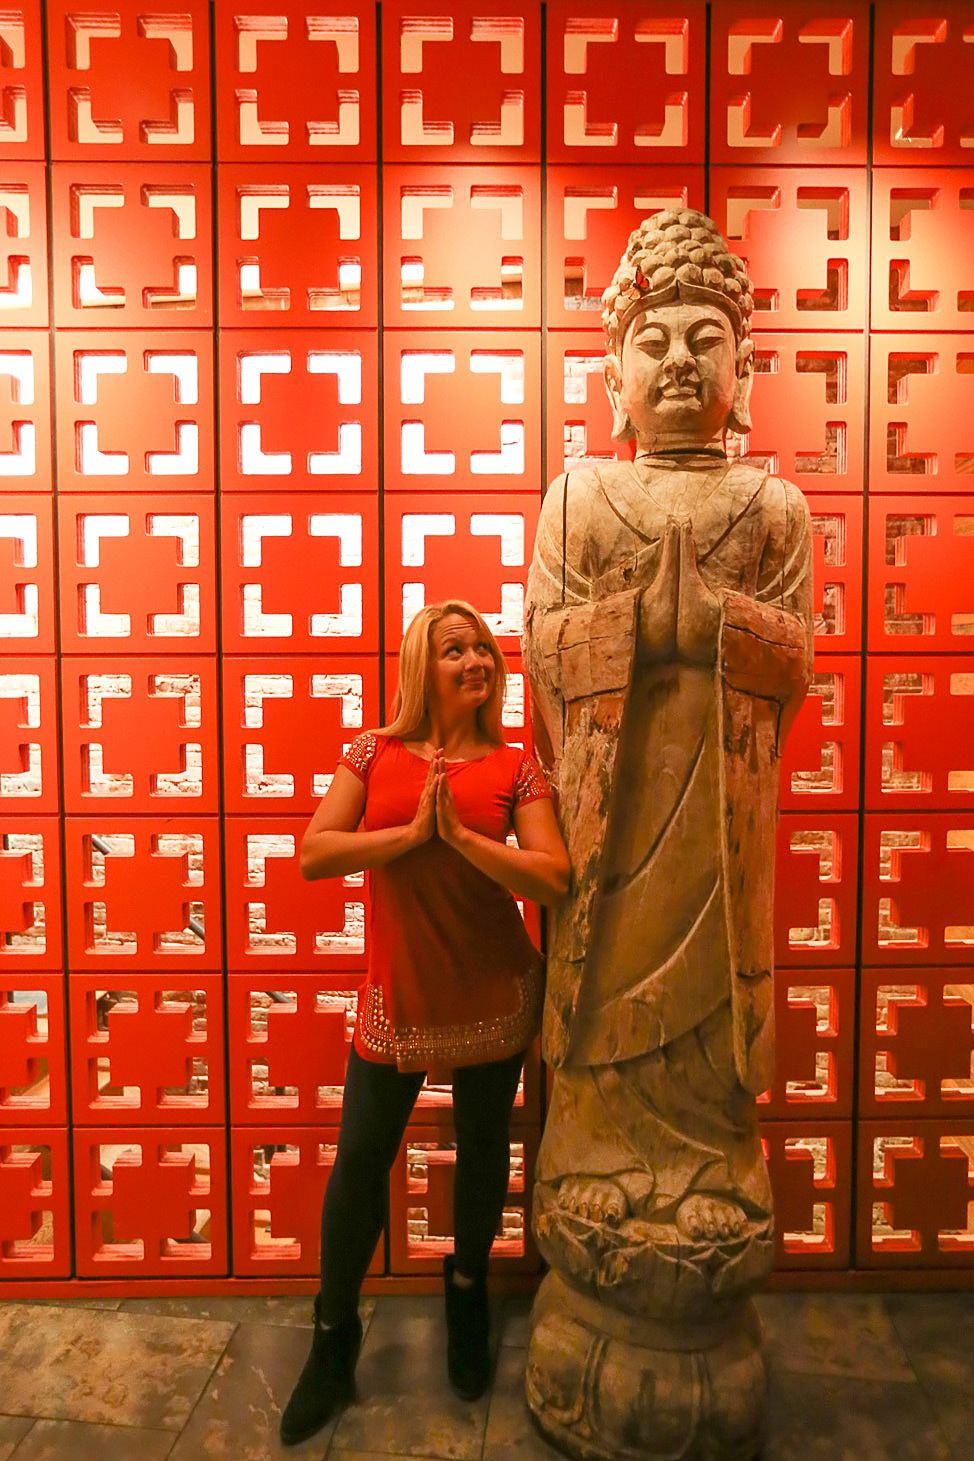 Red Lantern Boston